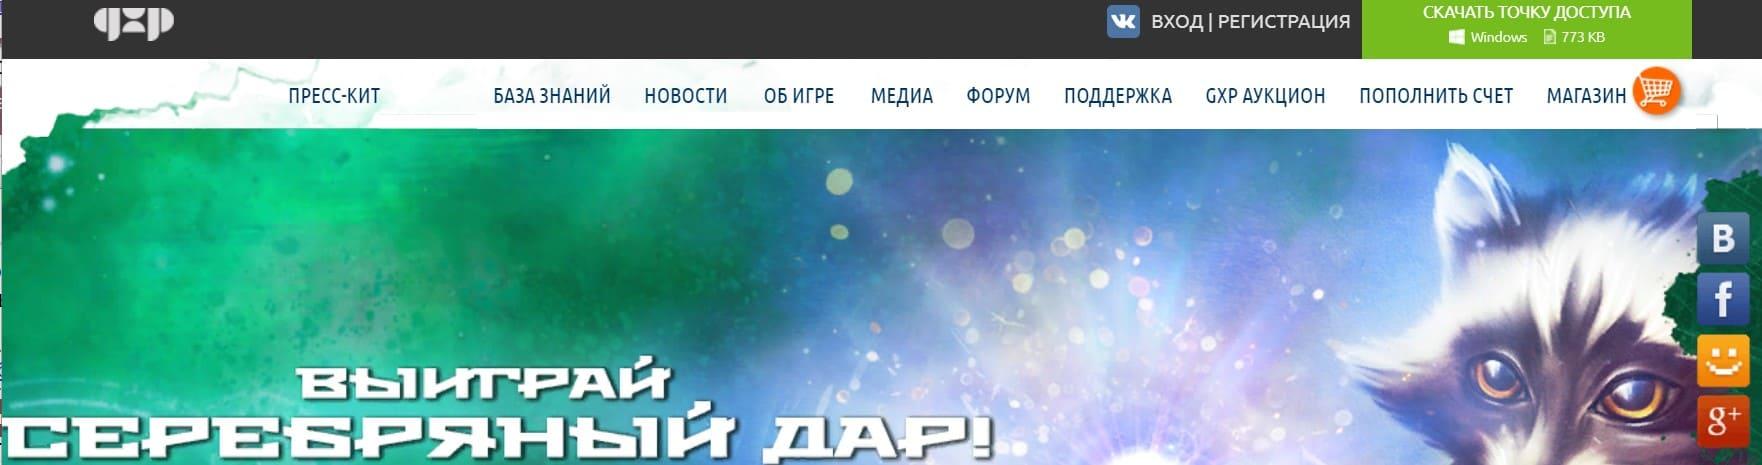 Сфера 3 Зачарованный мир сайт